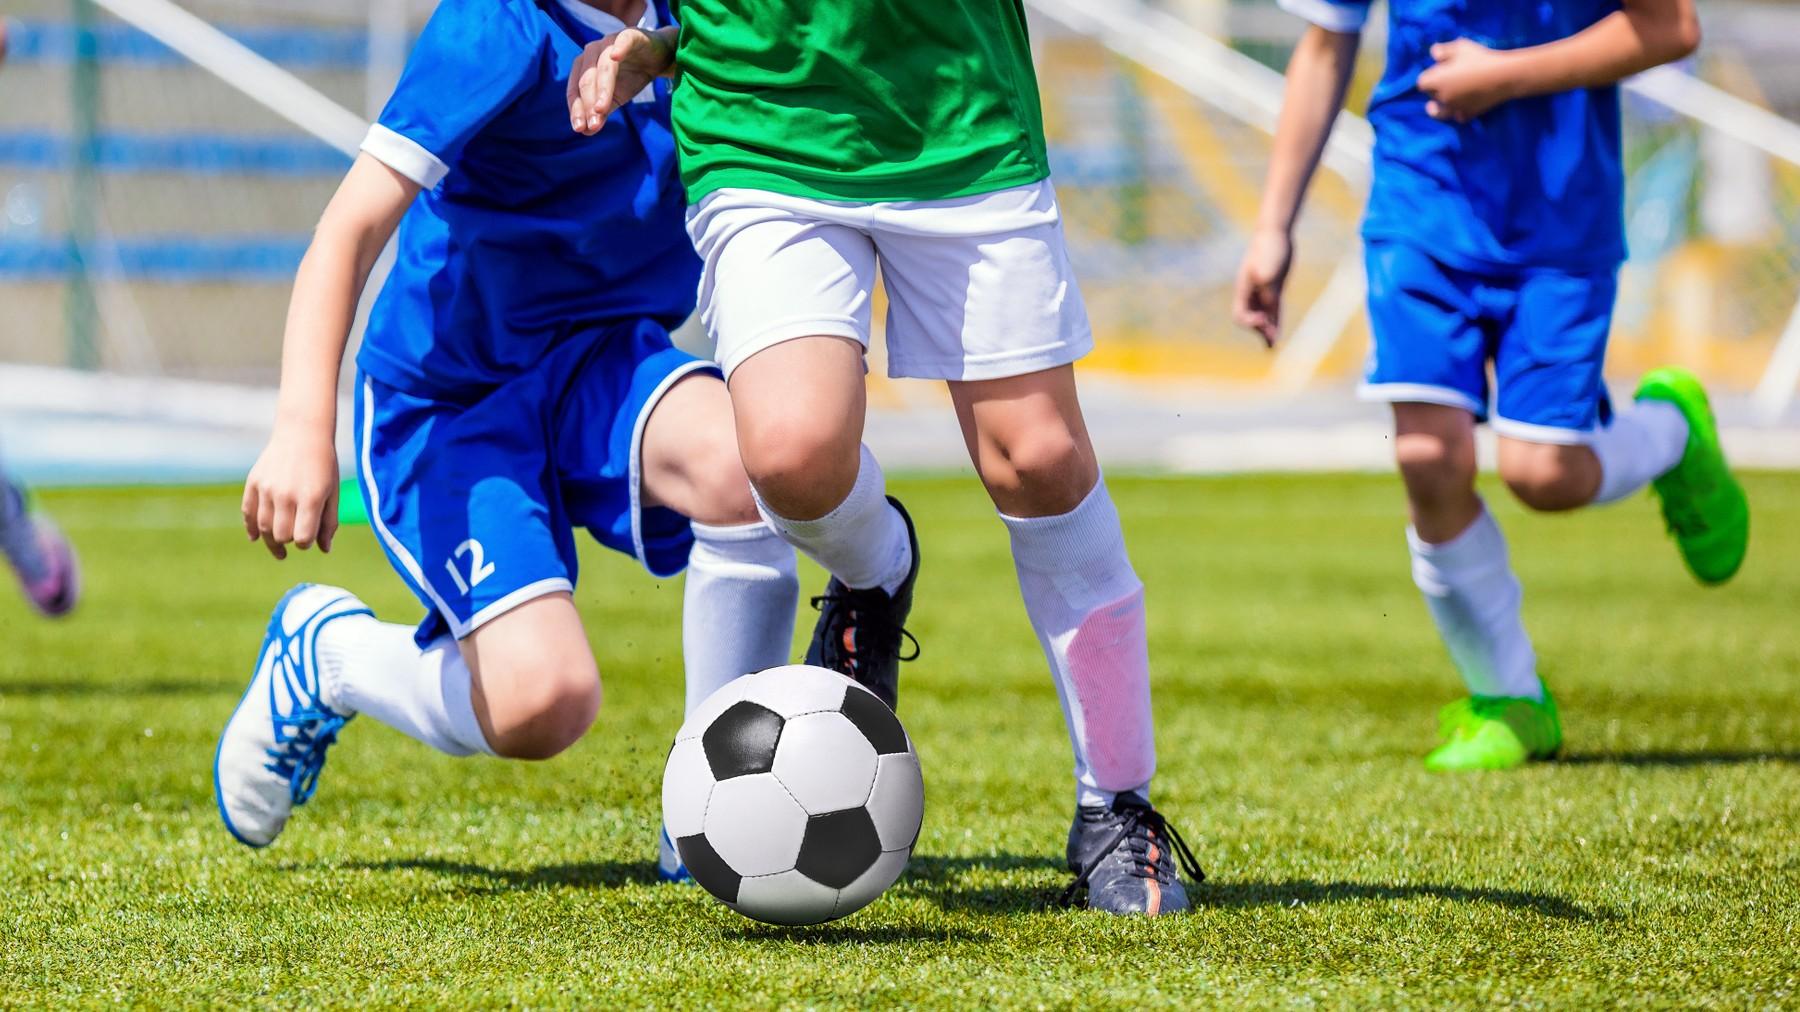 ขาของเด็กผู้ชายที่กำลังเตะบอลที่สนามที่มีหญ้าสีเขียว